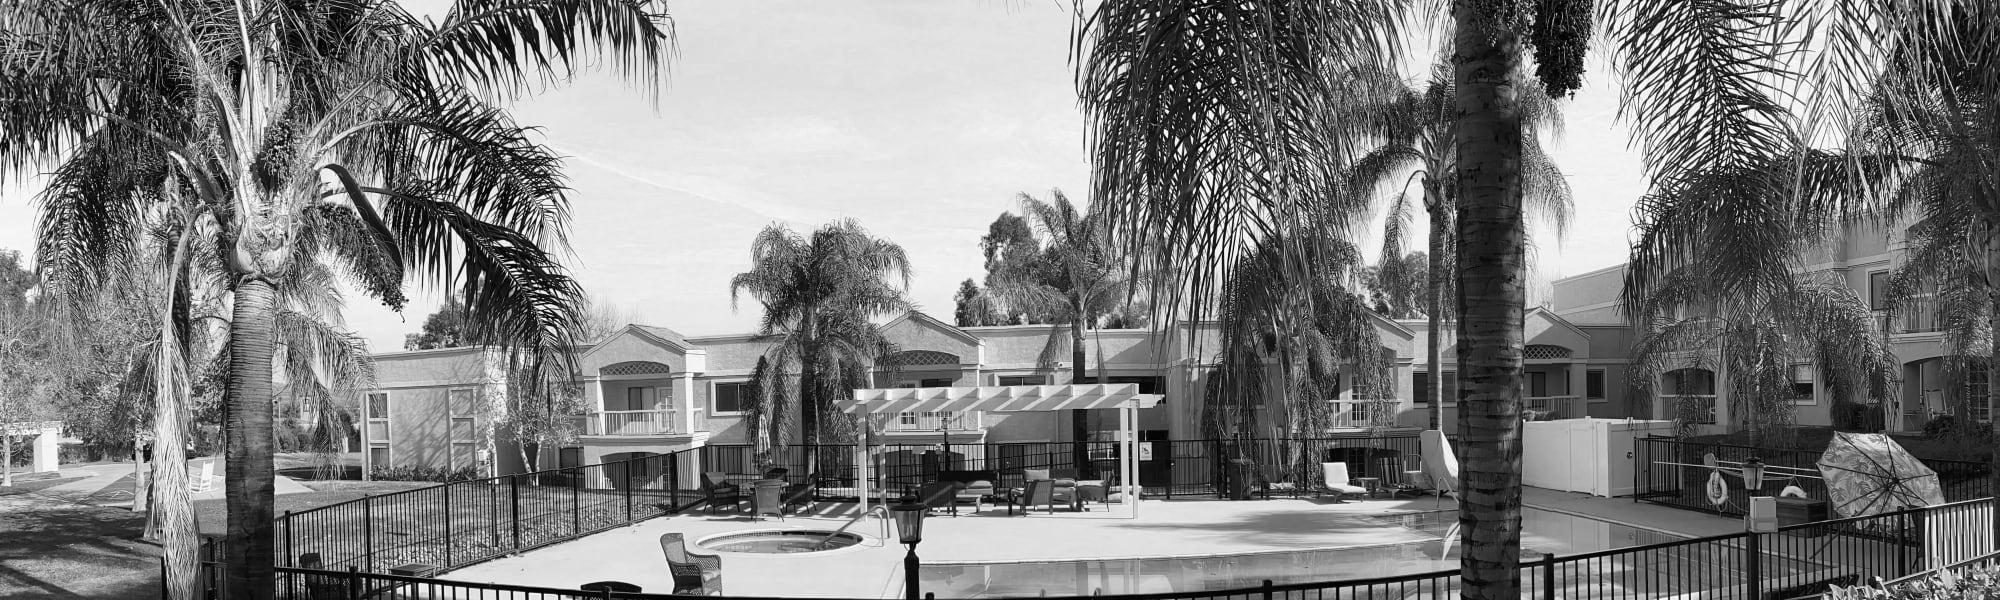 Floor plans at Pacifica Senior Living Menifee in Sun City, California.